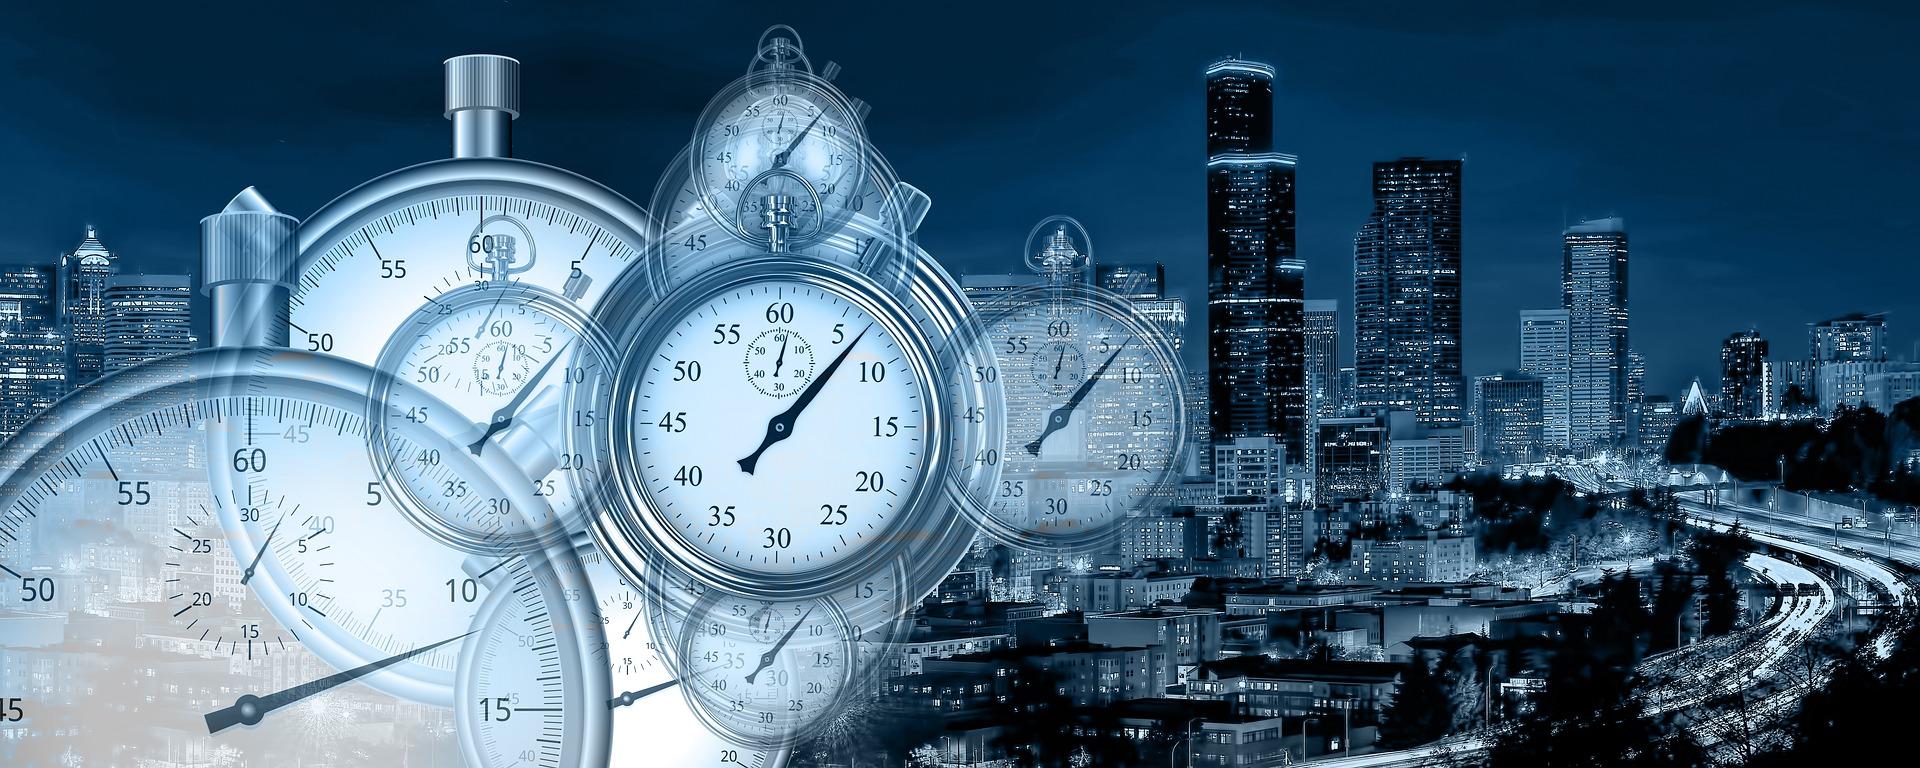 Les astreintes et permanences sont-elles considérées comme du temps de travail effectif ?